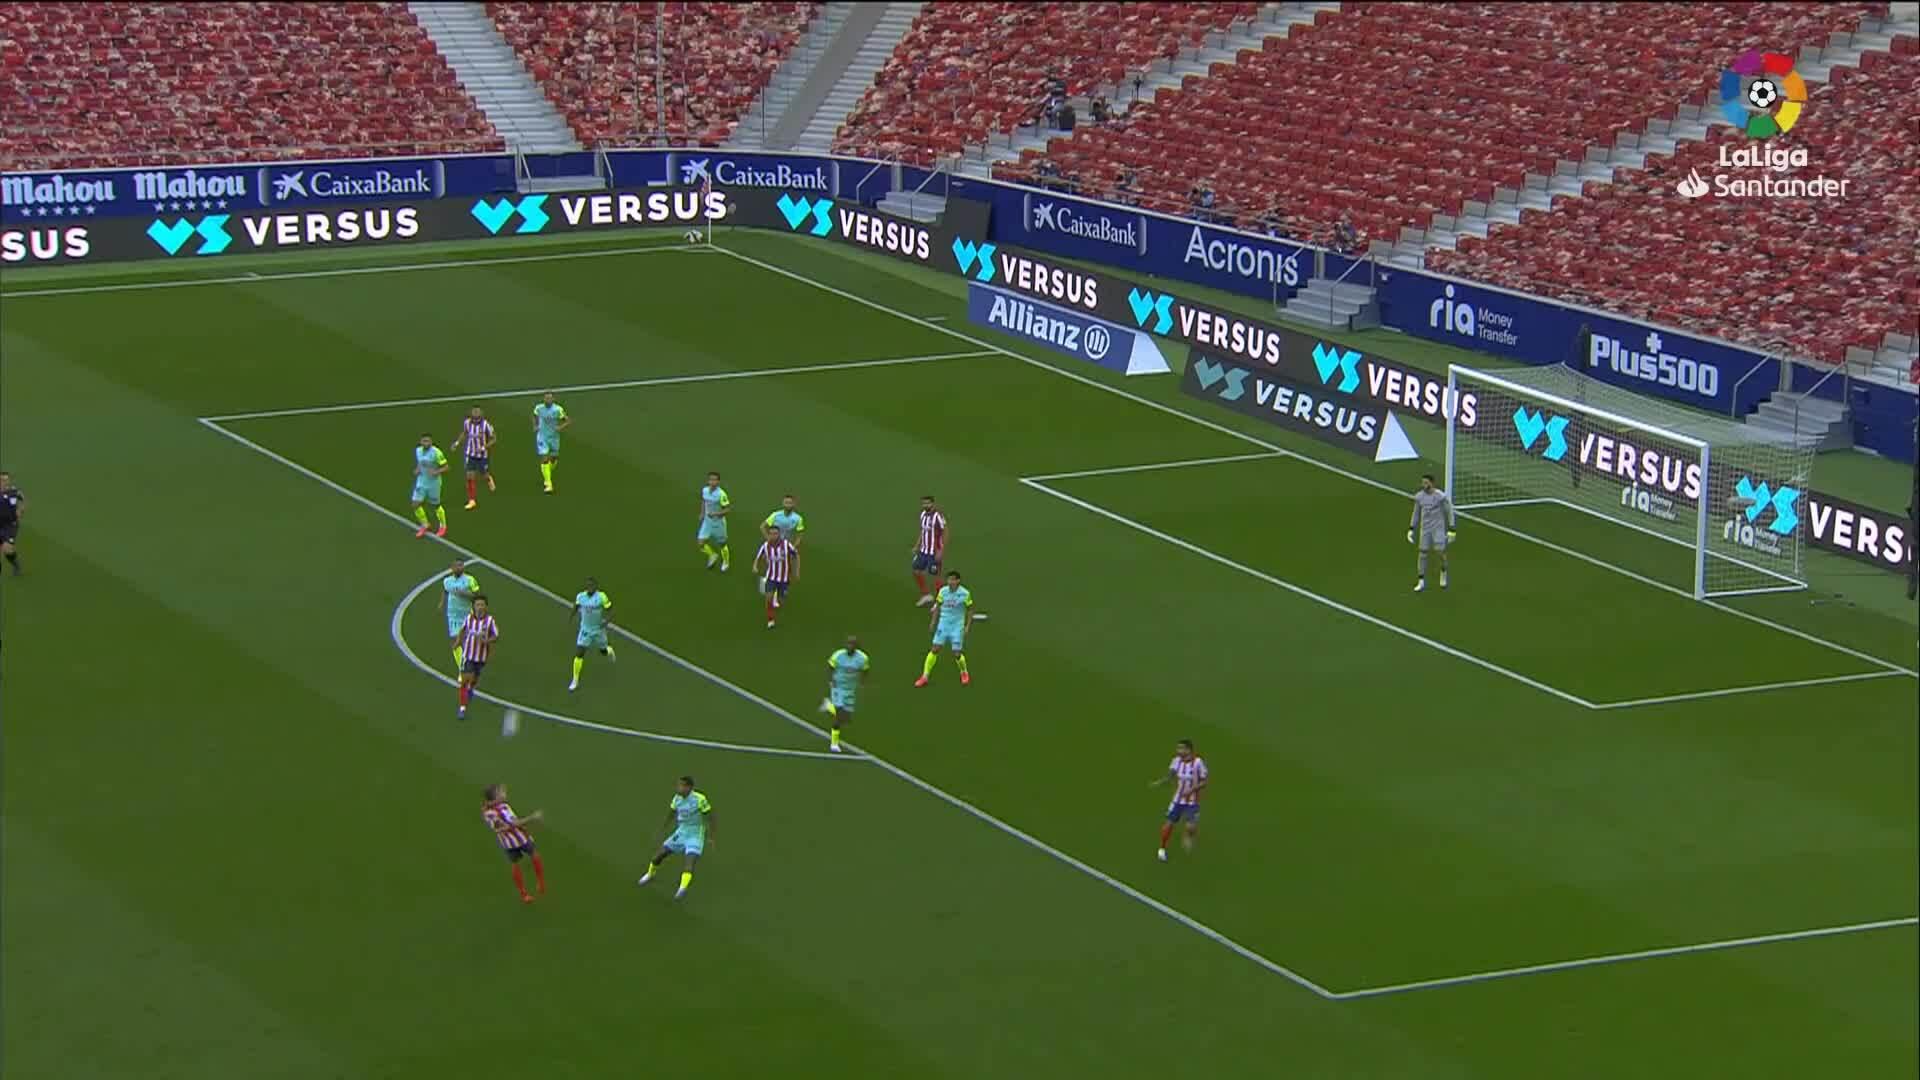 Atletico 6-1 Granada